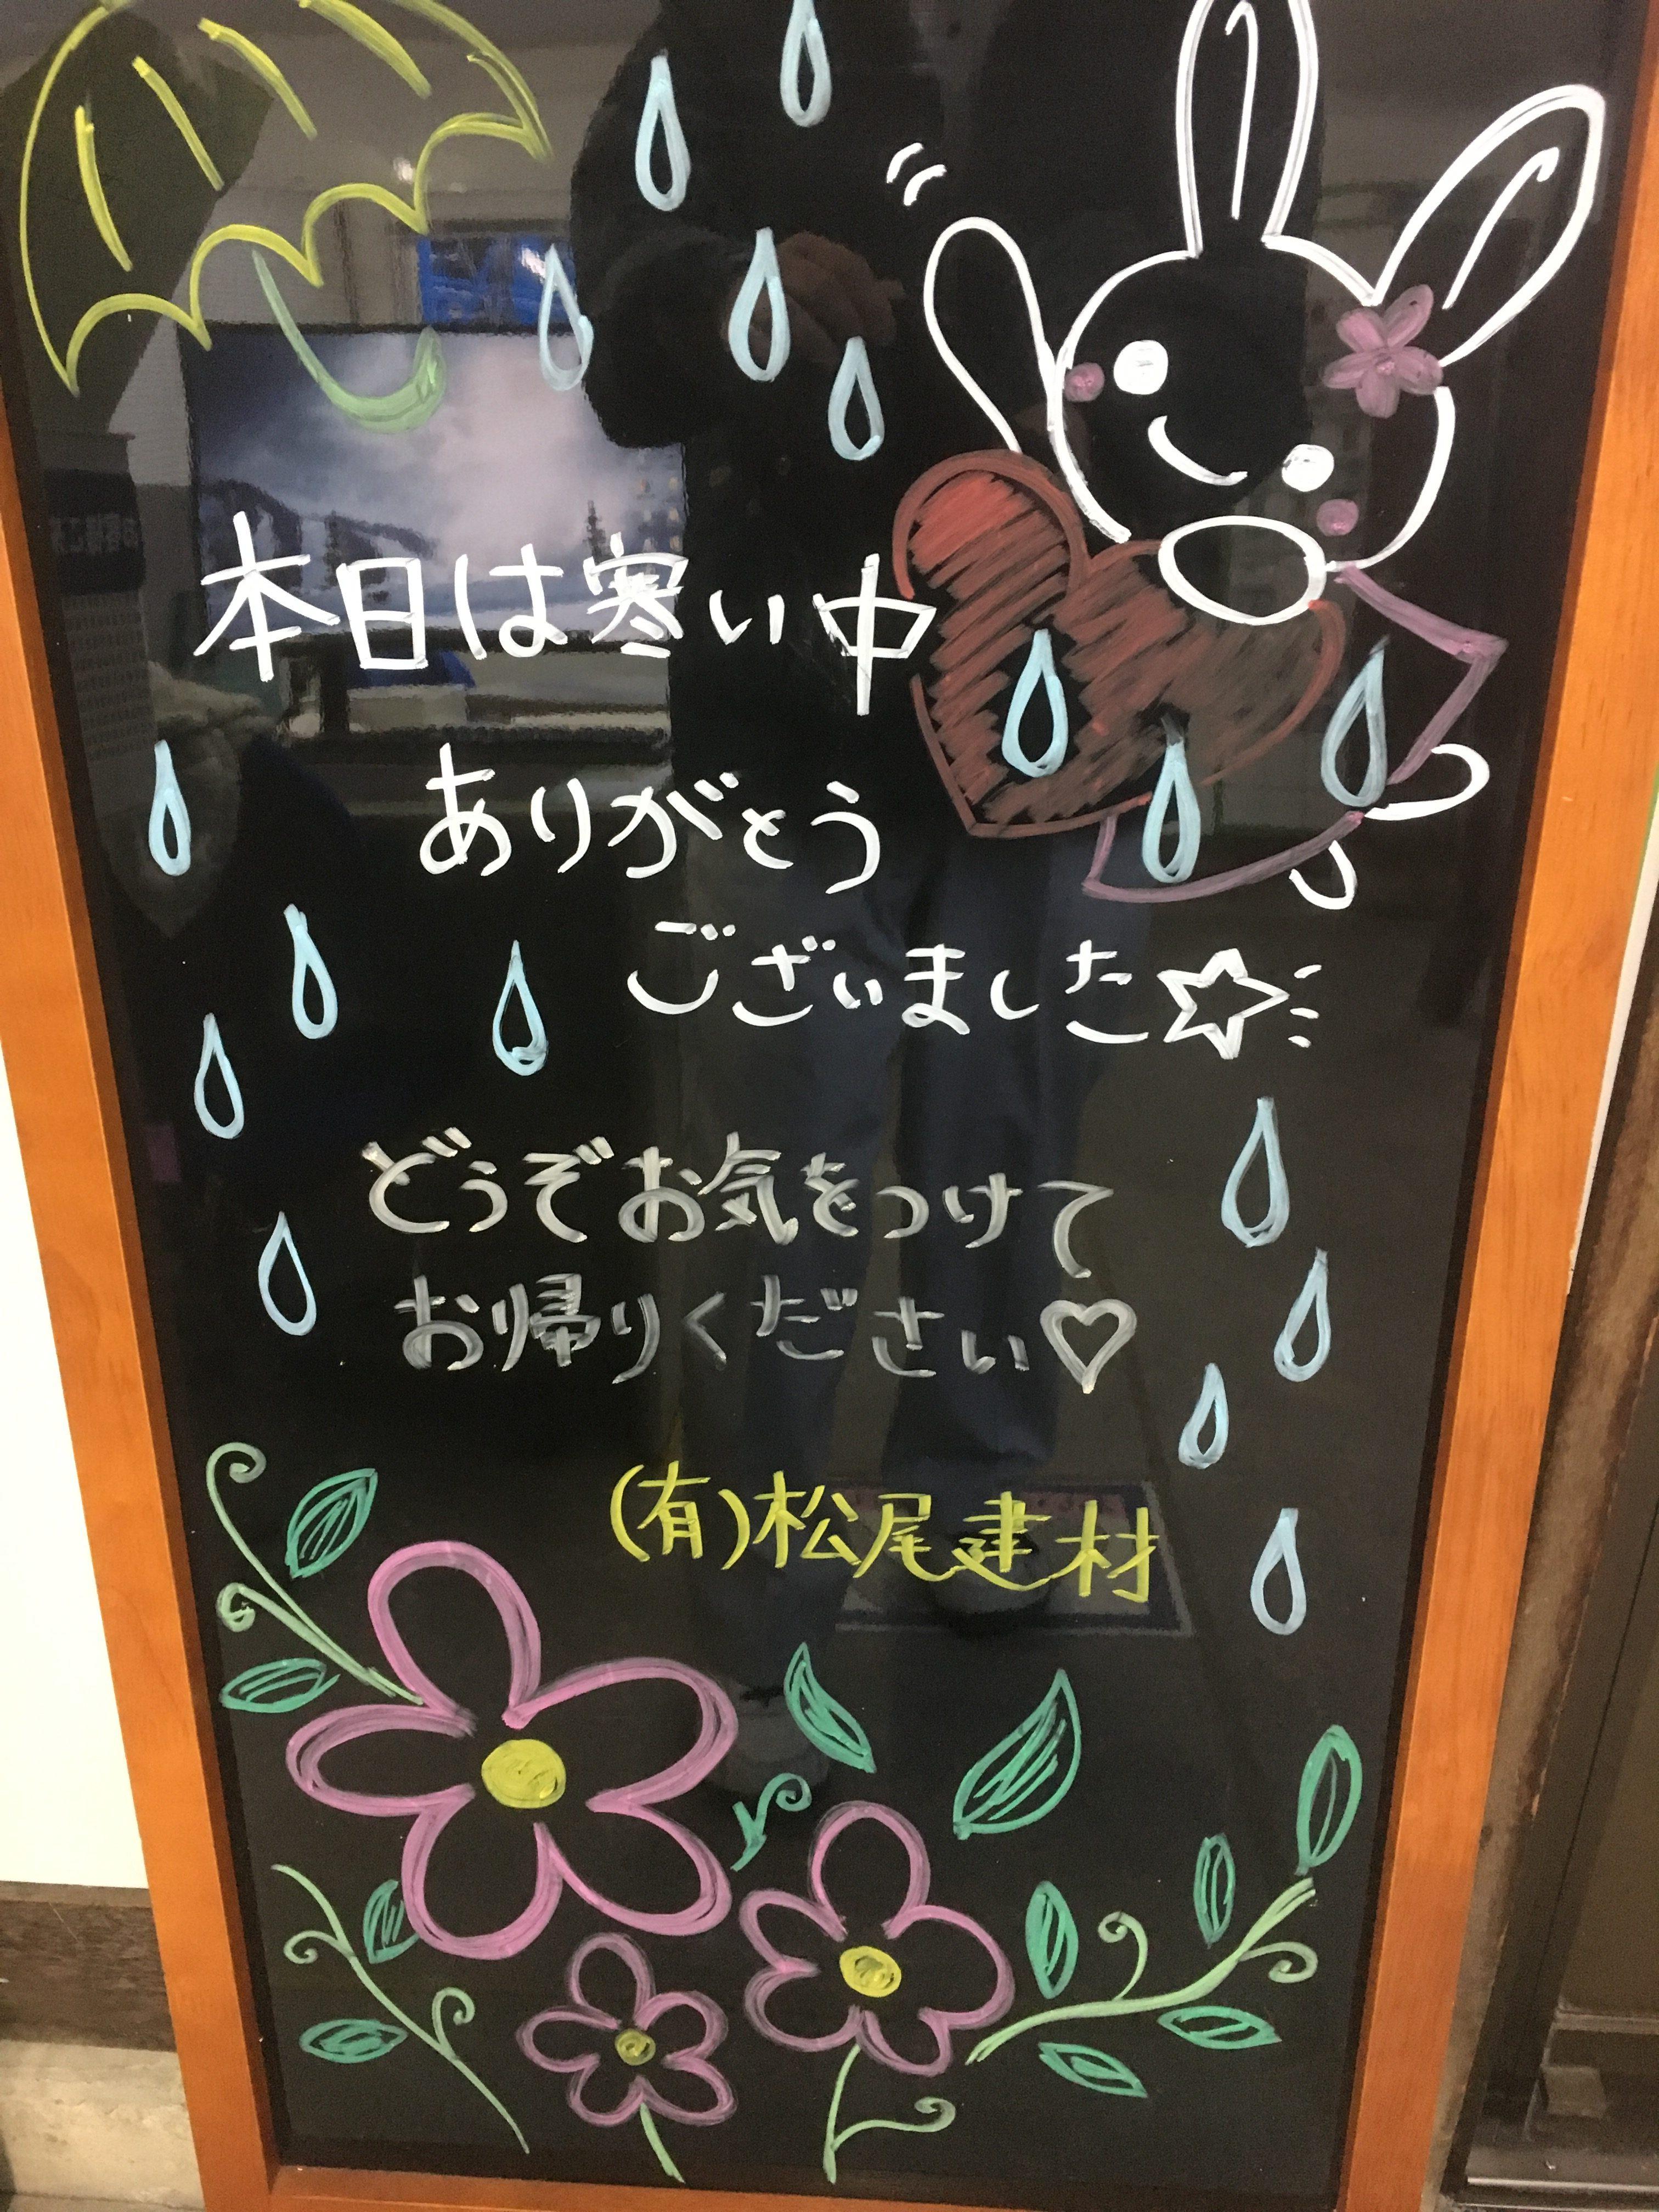 雨の中来社ありがとうございます。